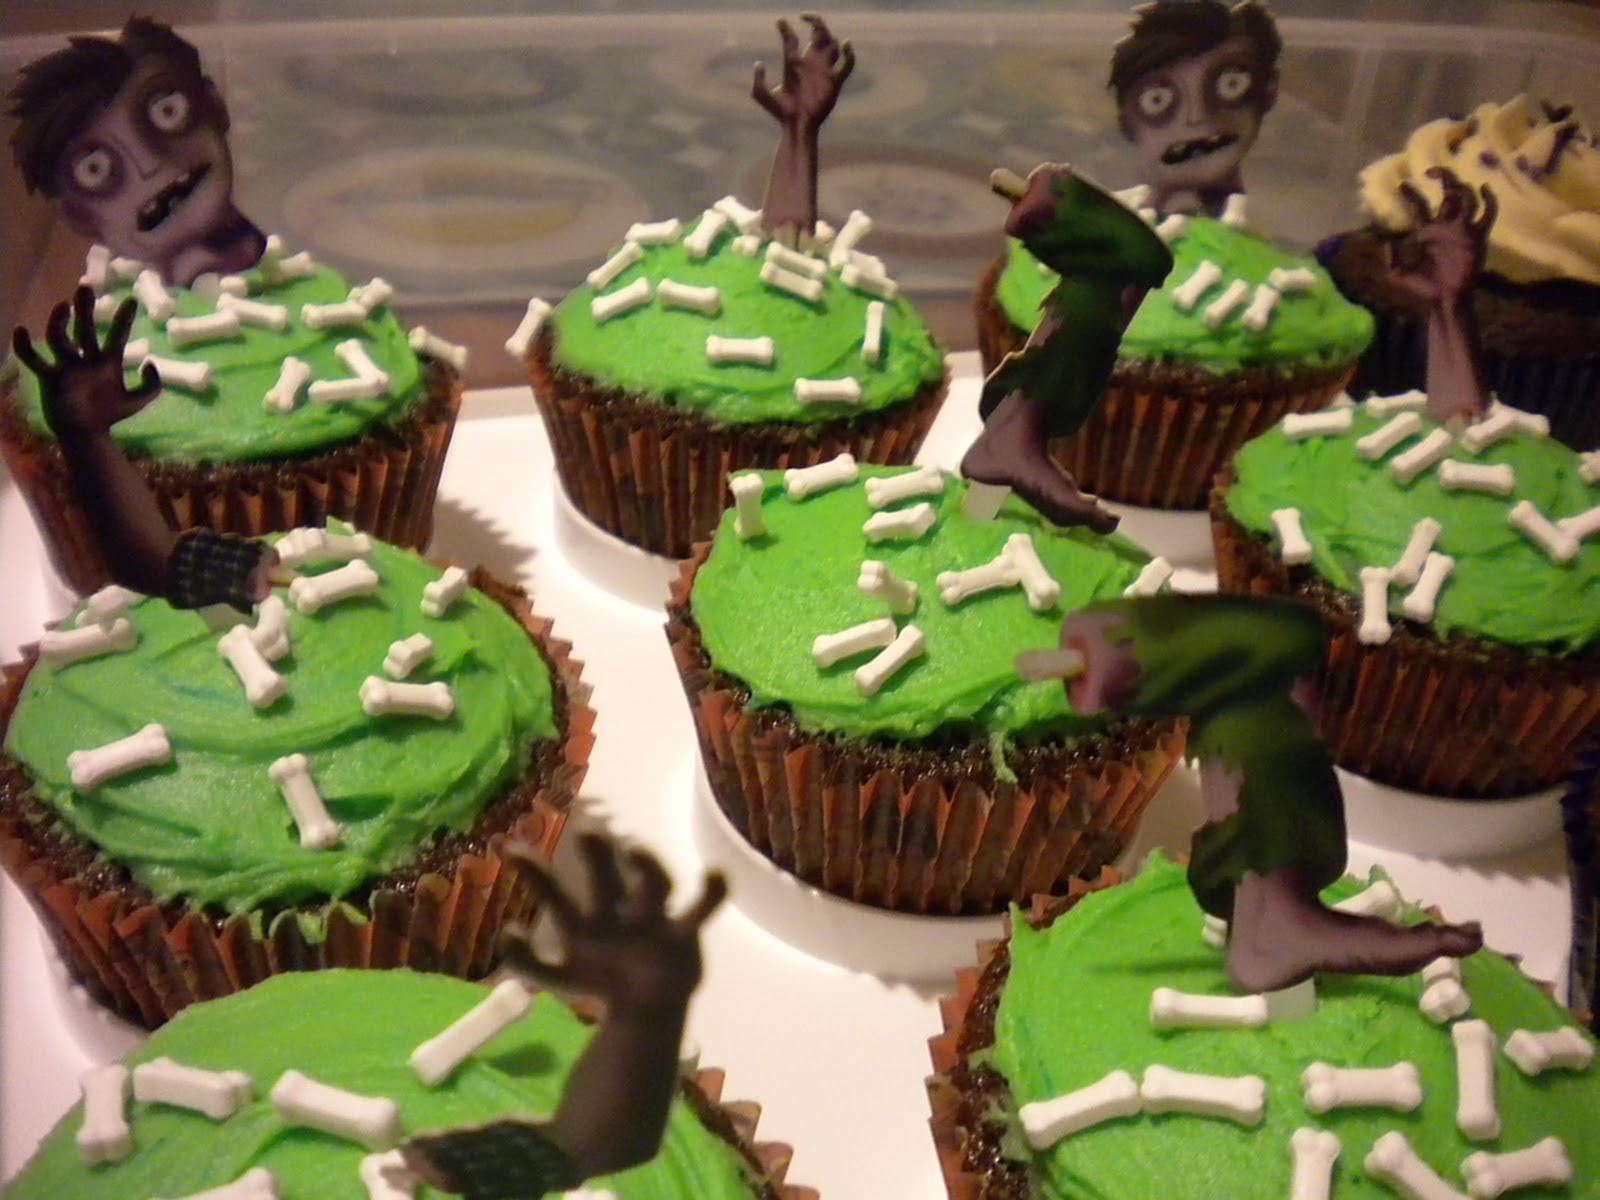 Walker U0026 39 S Wookie Cookies  Zombie Cupcakes